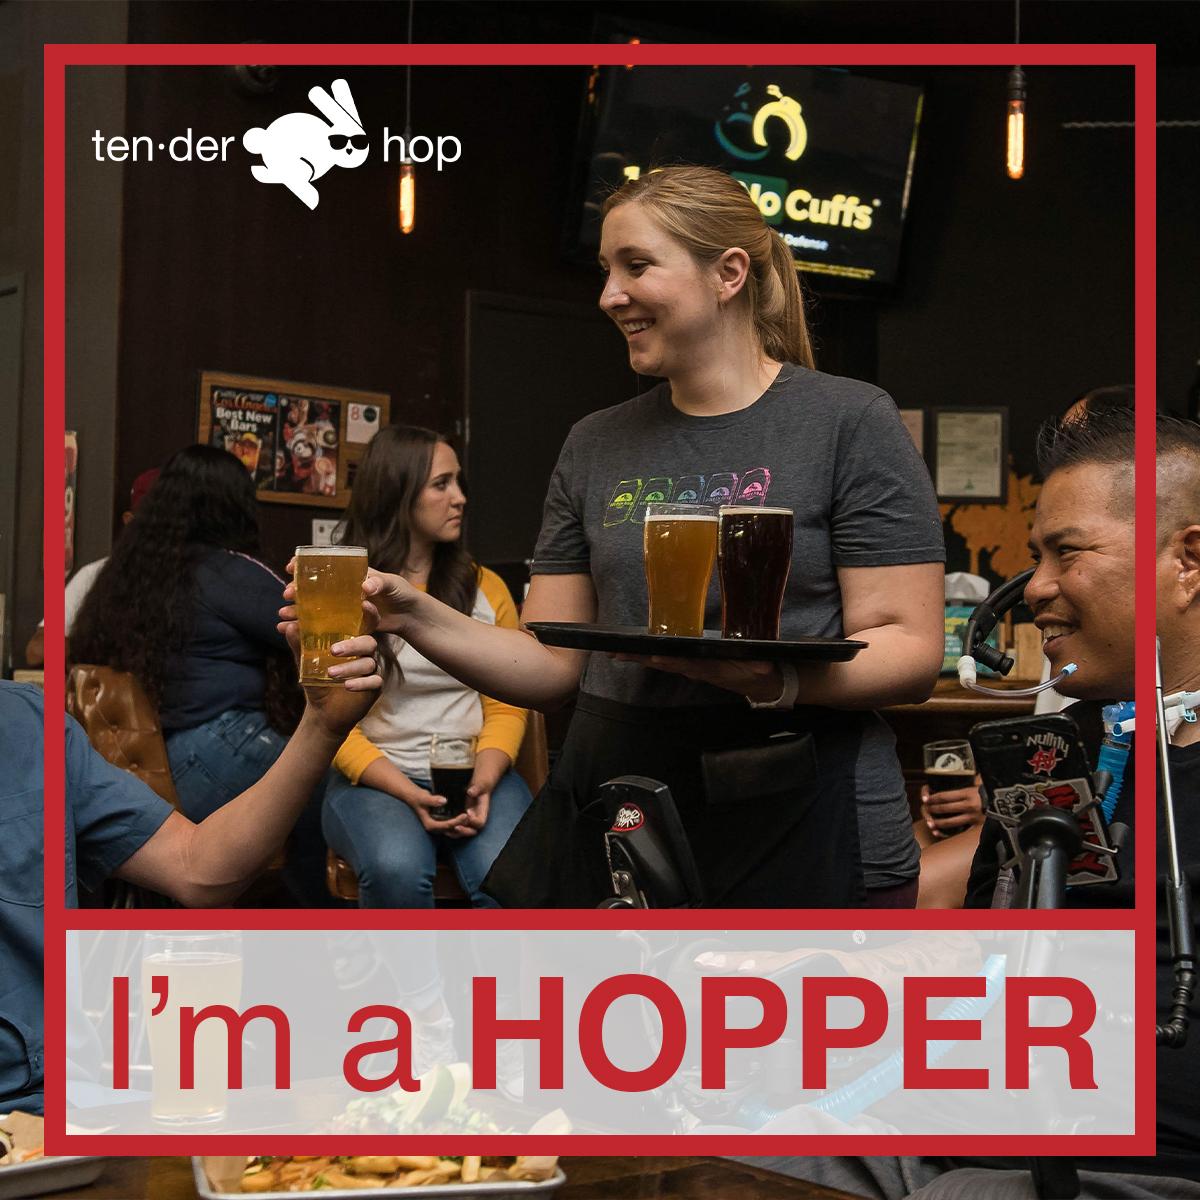 I'm a HOPPER